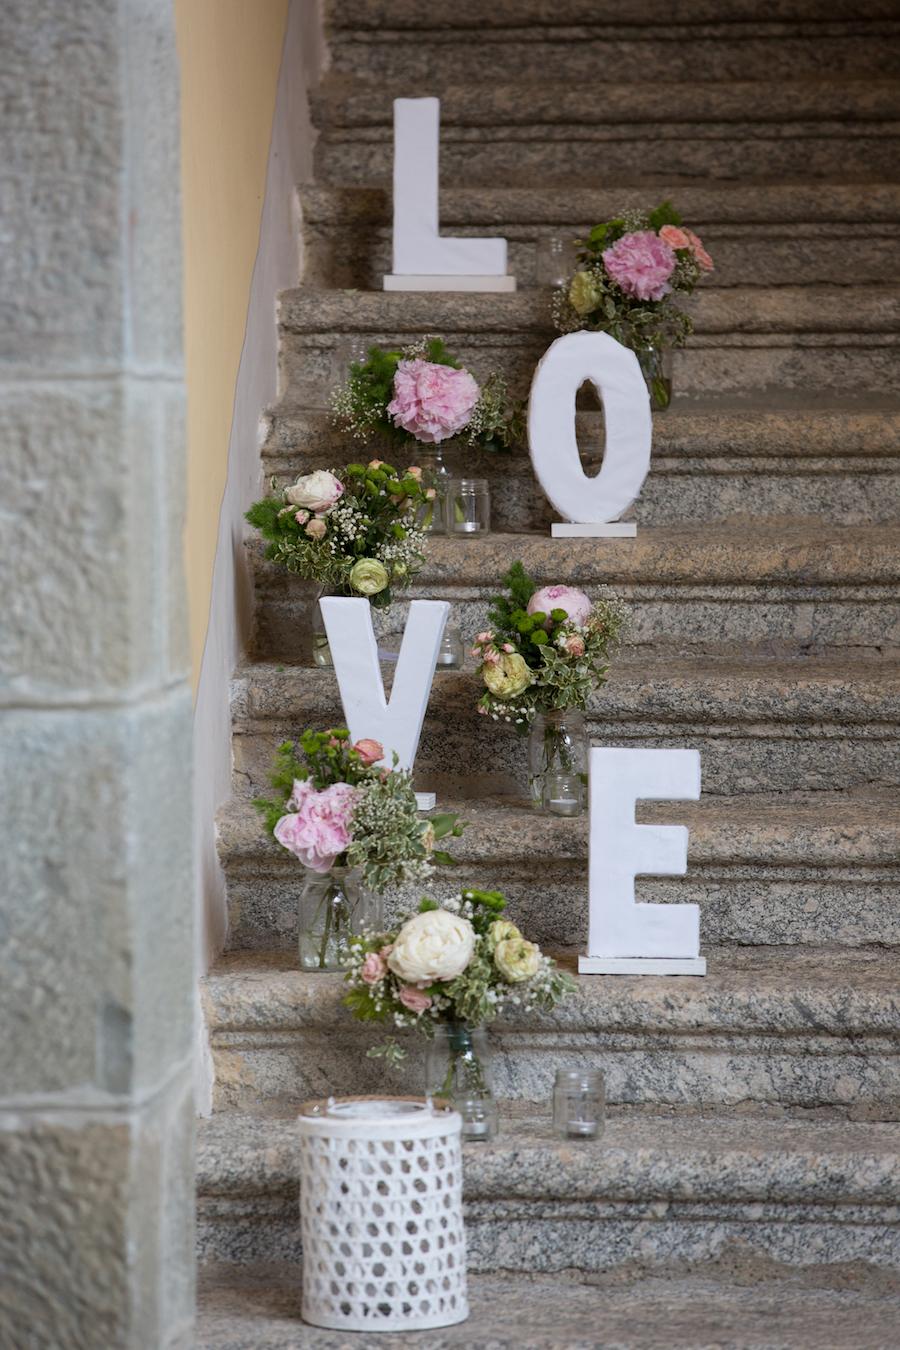 allestimento matrimonio con lettere e fiori